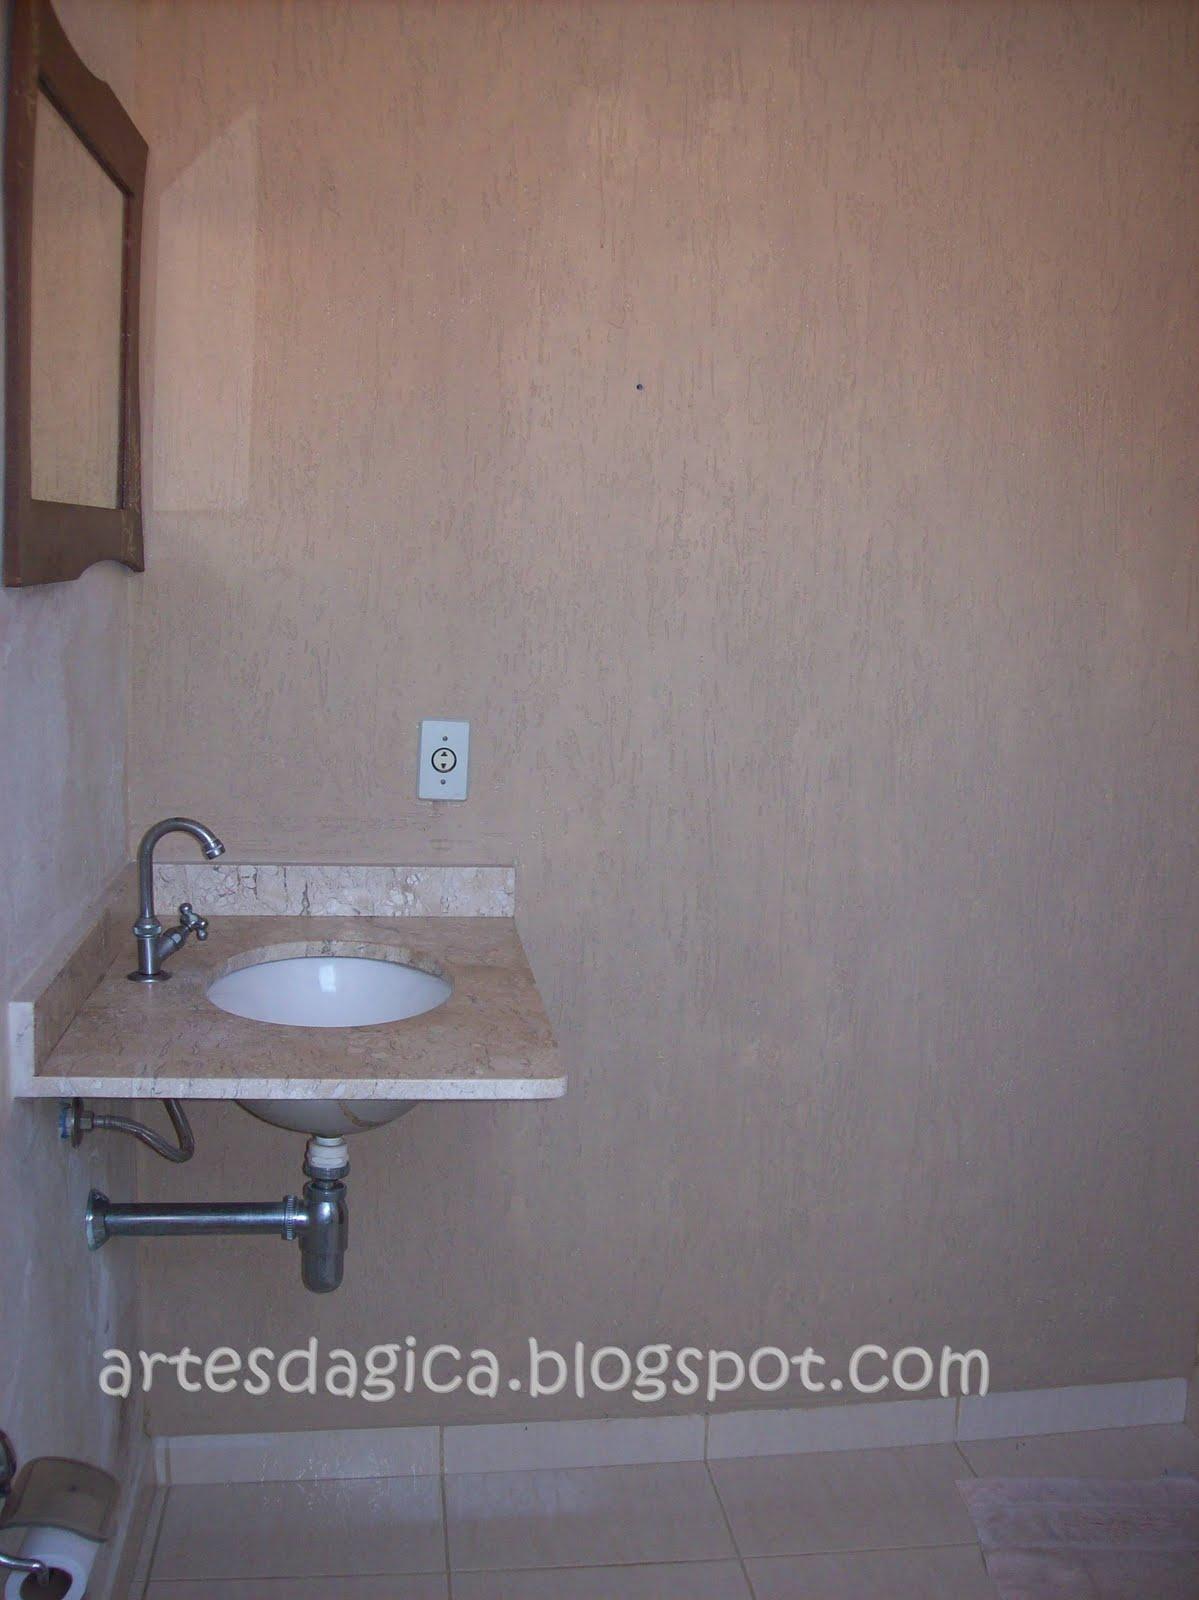 Essa parede aqui já tem um grafiato por isso está mais bonitinha  #485C83 1199x1600 Banheiro Com Parede De Grafiato